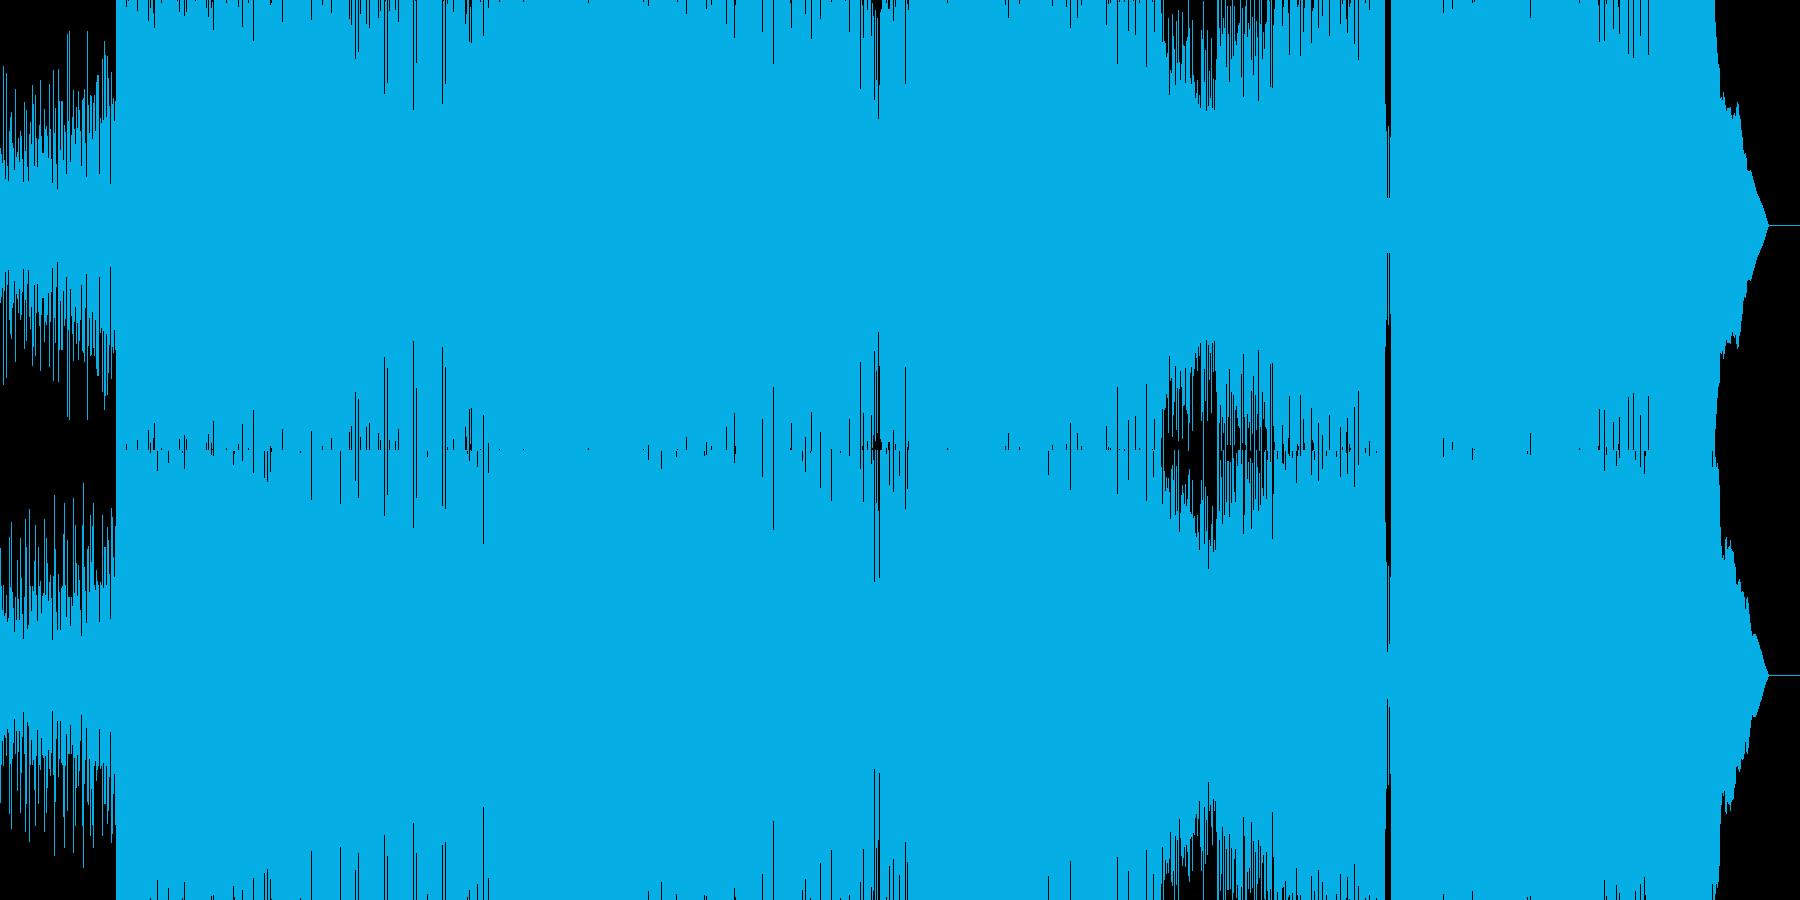 シンセが効いたノれるロックEDMの再生済みの波形